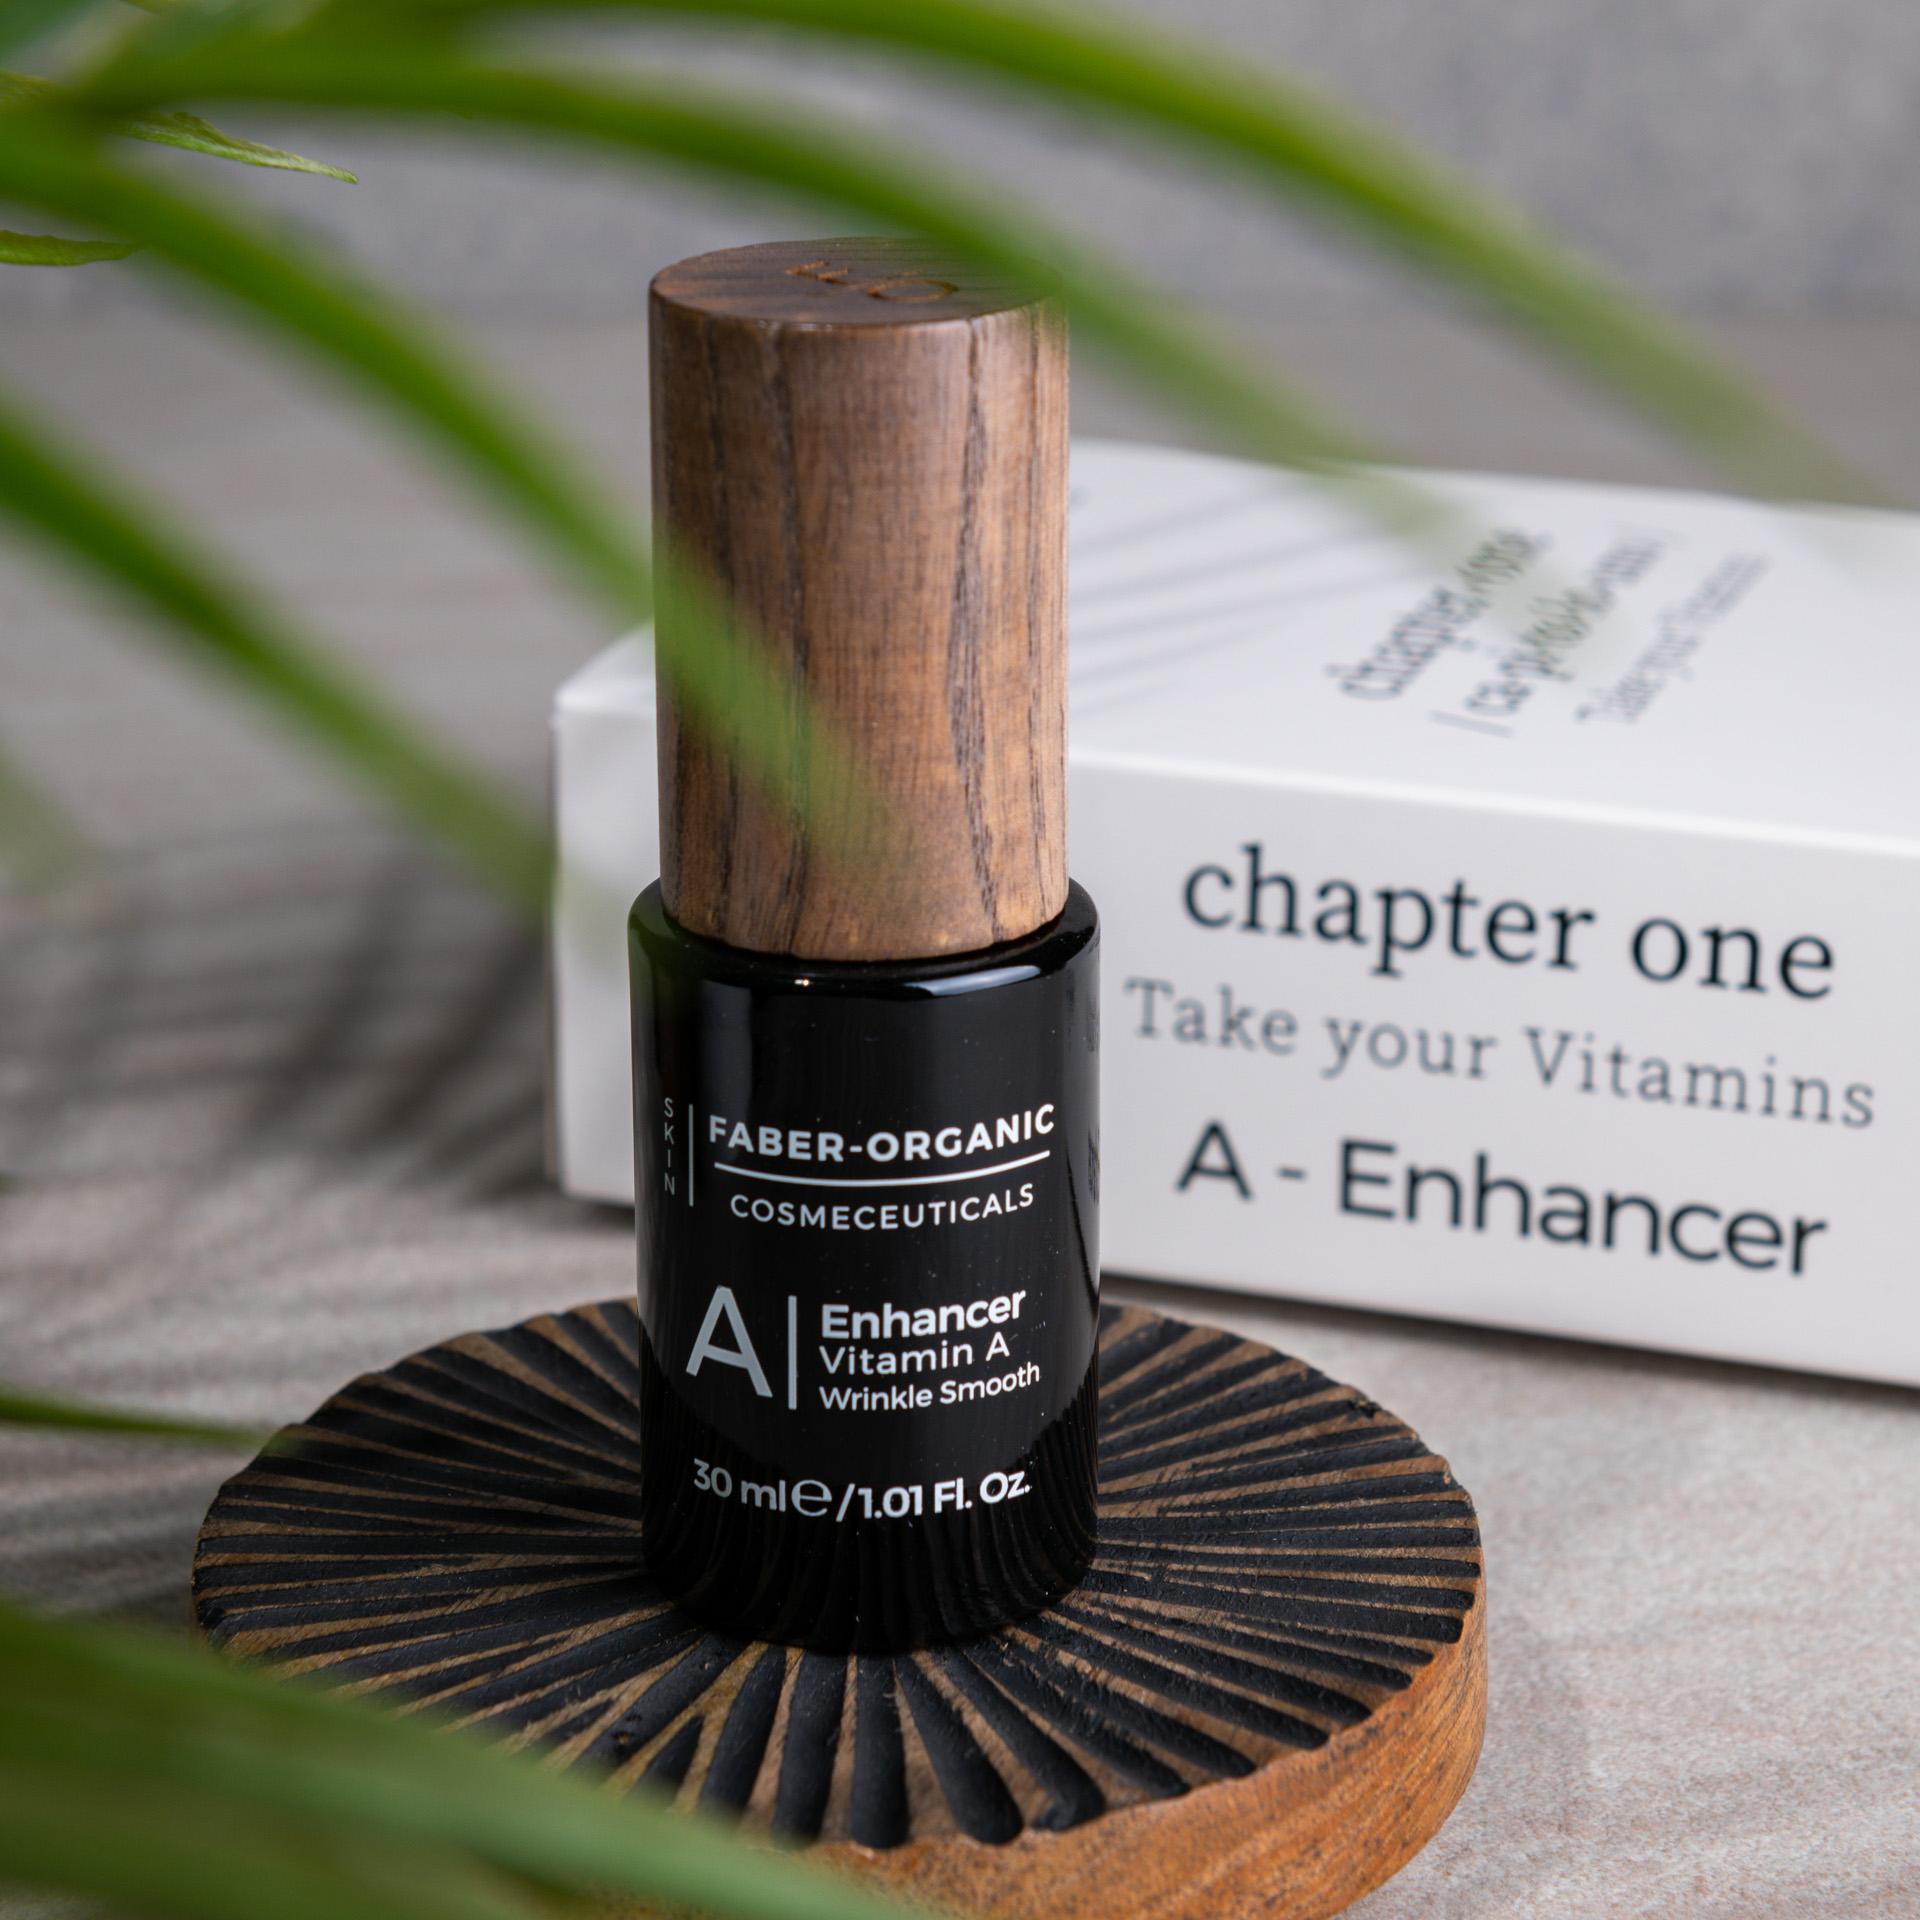 A Enhancer - Vitamin A